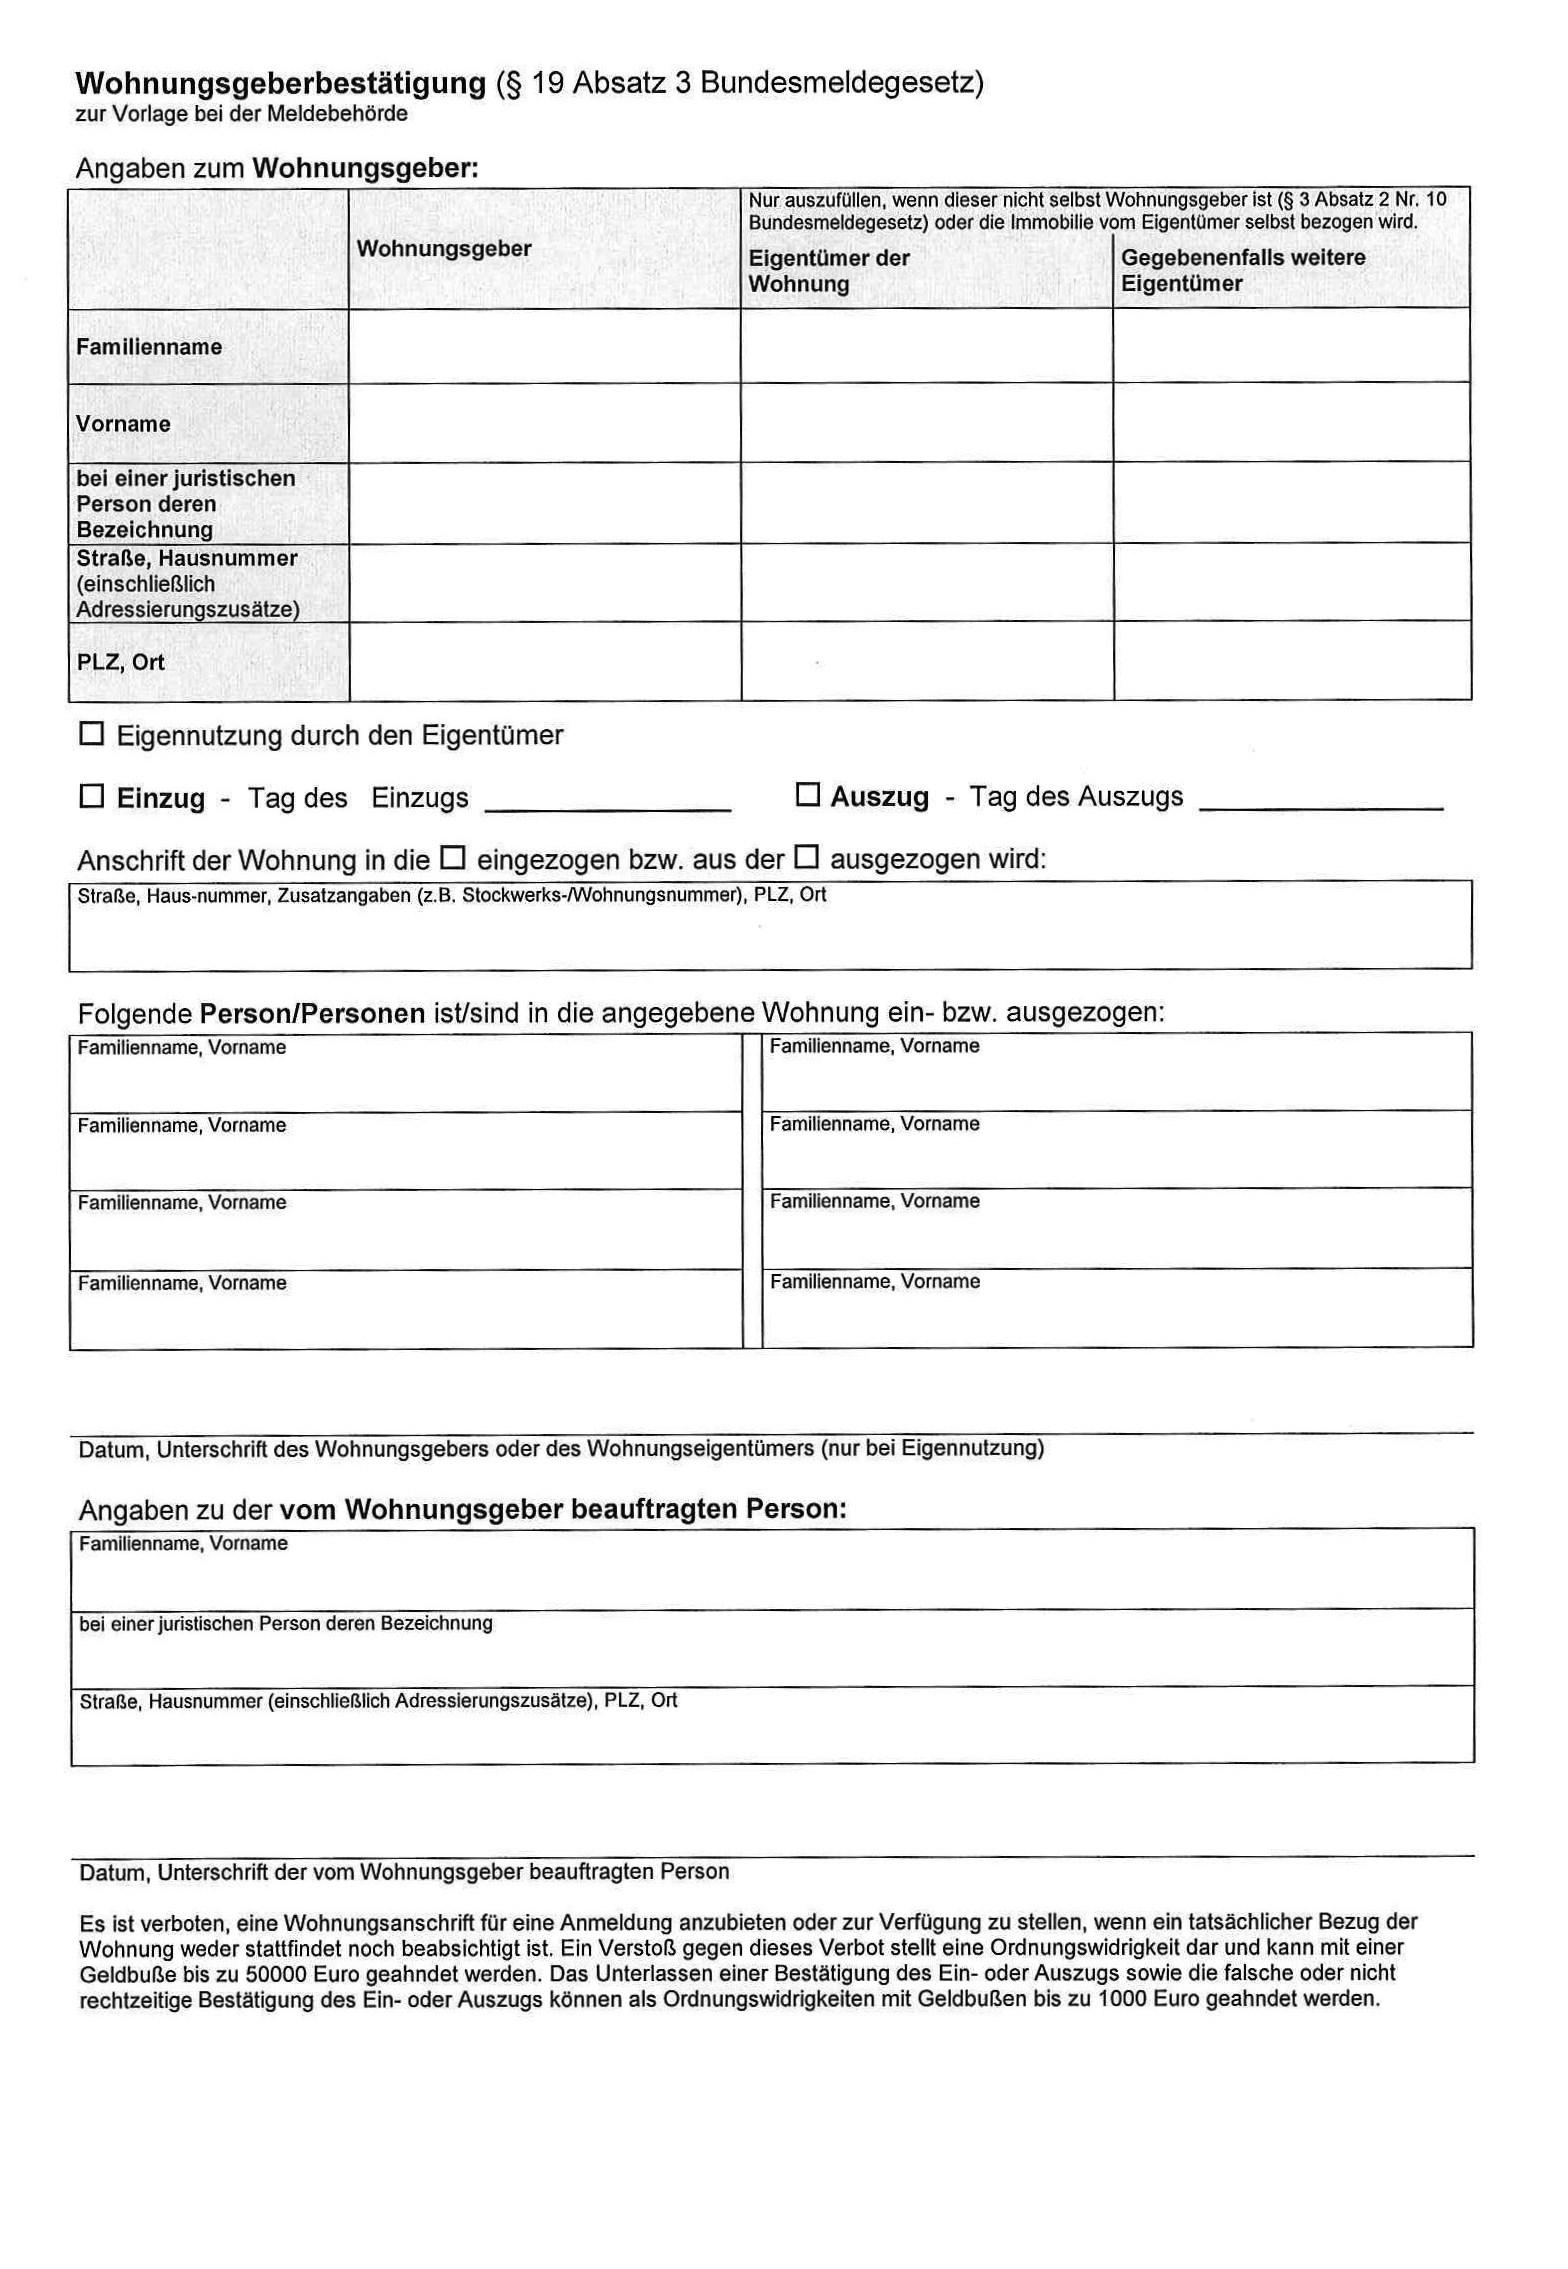 Wohnungsgeberbestatigung Vorlage 5